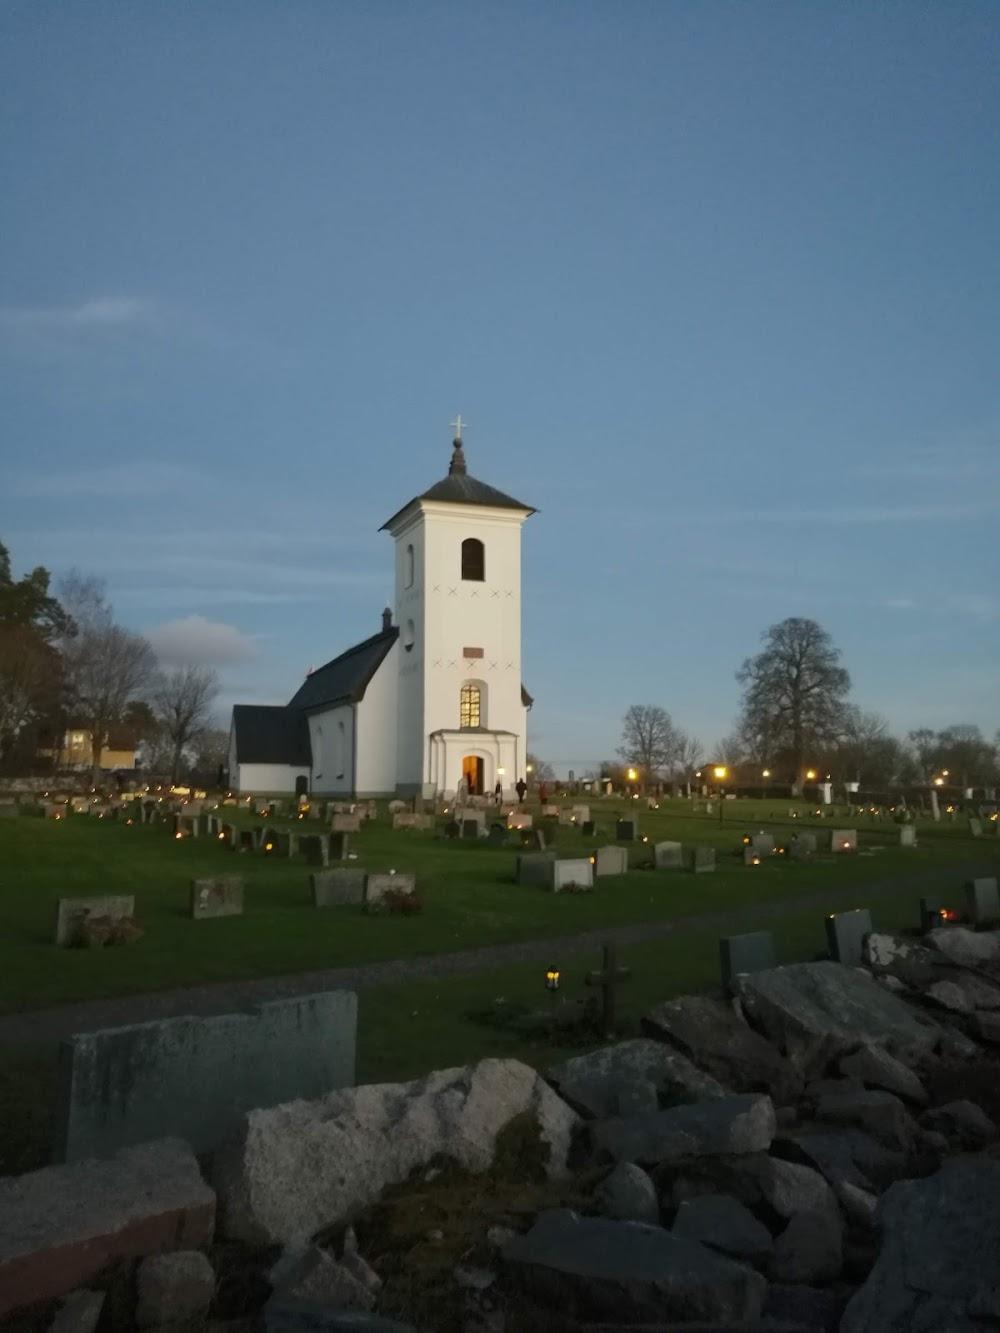 Hargs kyrkogård